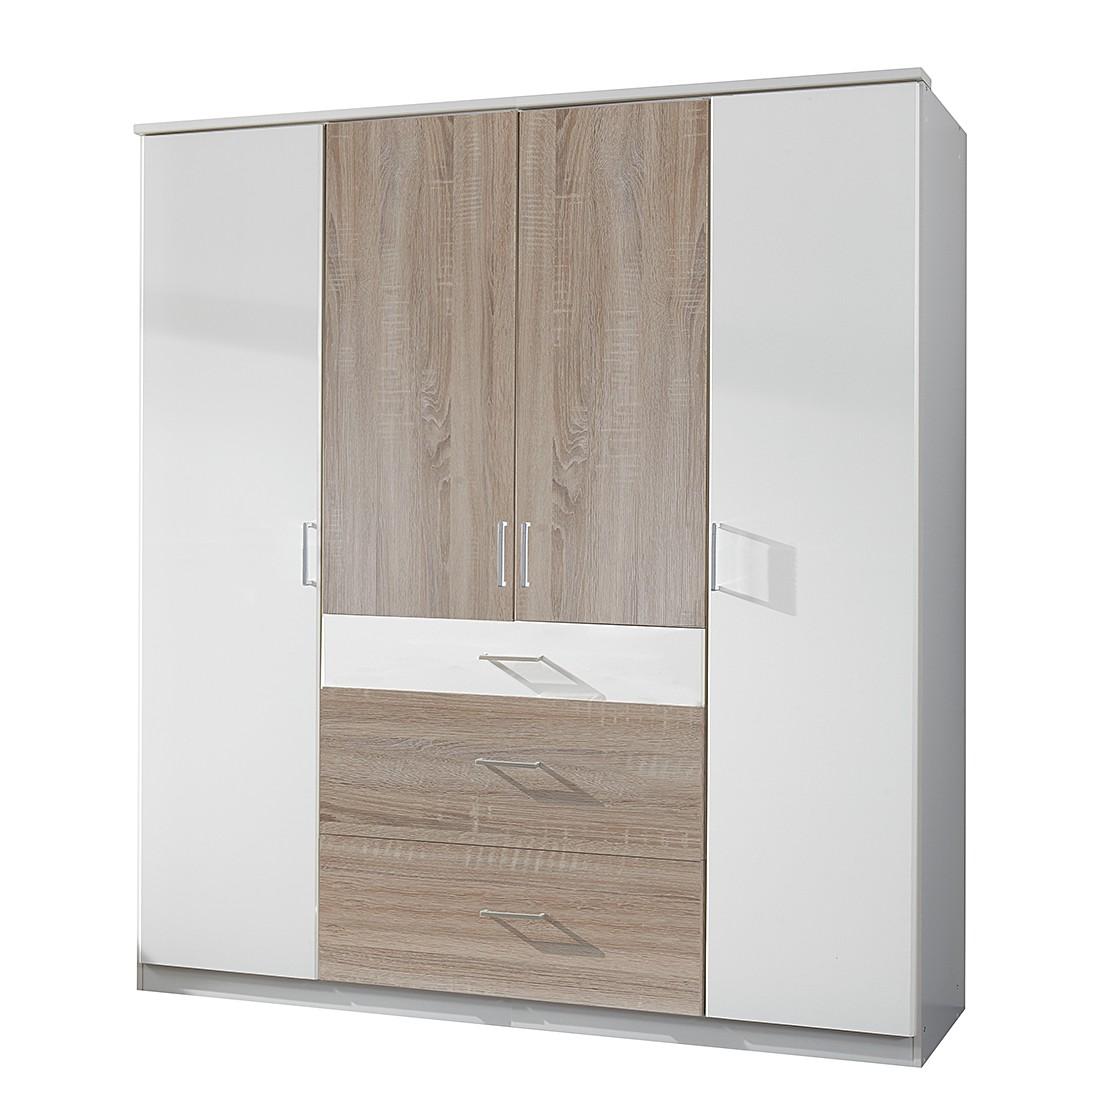 goedkoop Draaideurkast Click III Alpinewit Grof gezaagd eikenhouten look Zonder spiegeldeuren Wimex